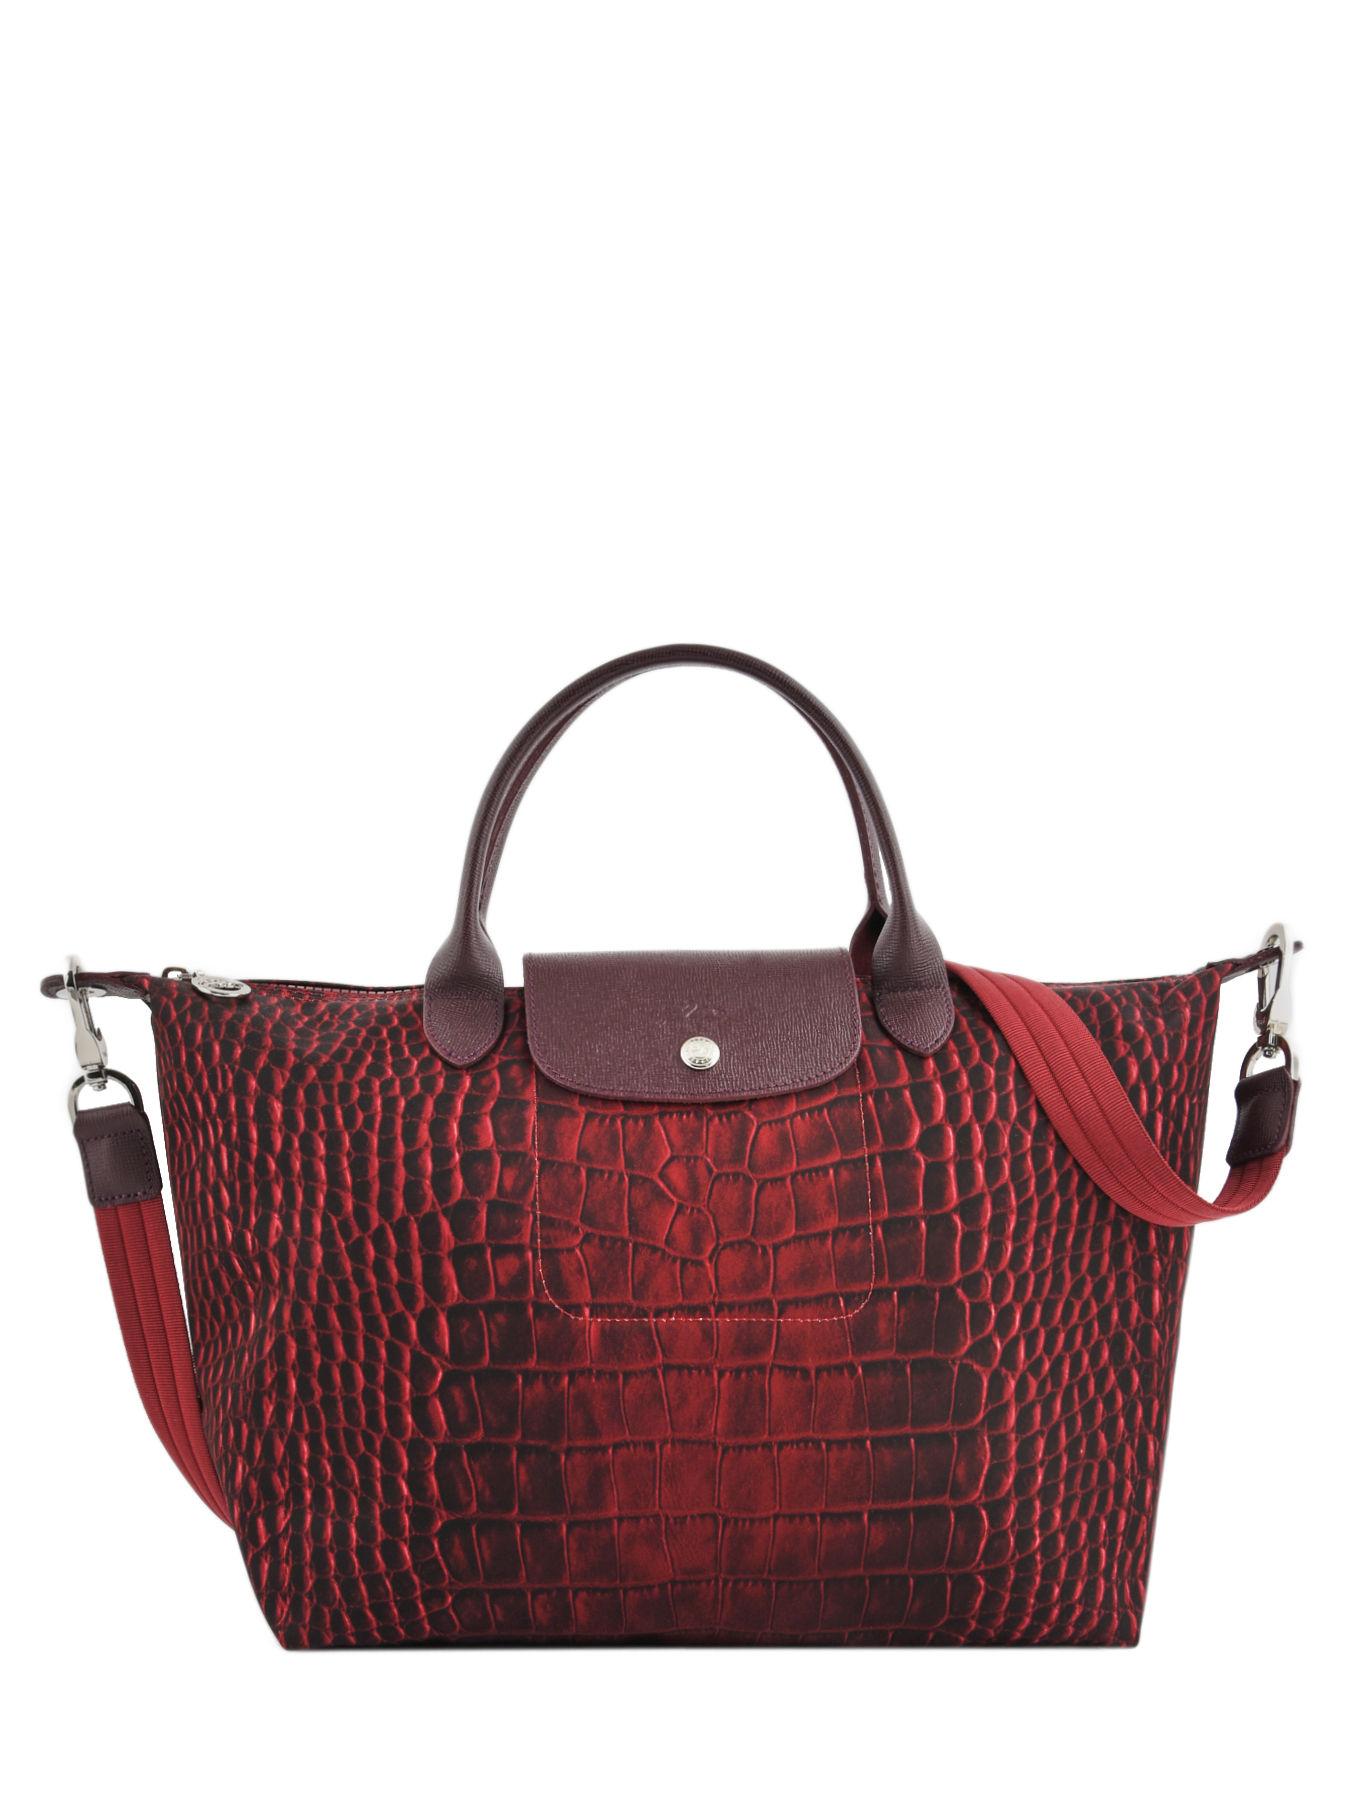 Sur be Le Edisac Porté Longchamp Pliage Main Croco Sac 1515672 CrdxtQsh